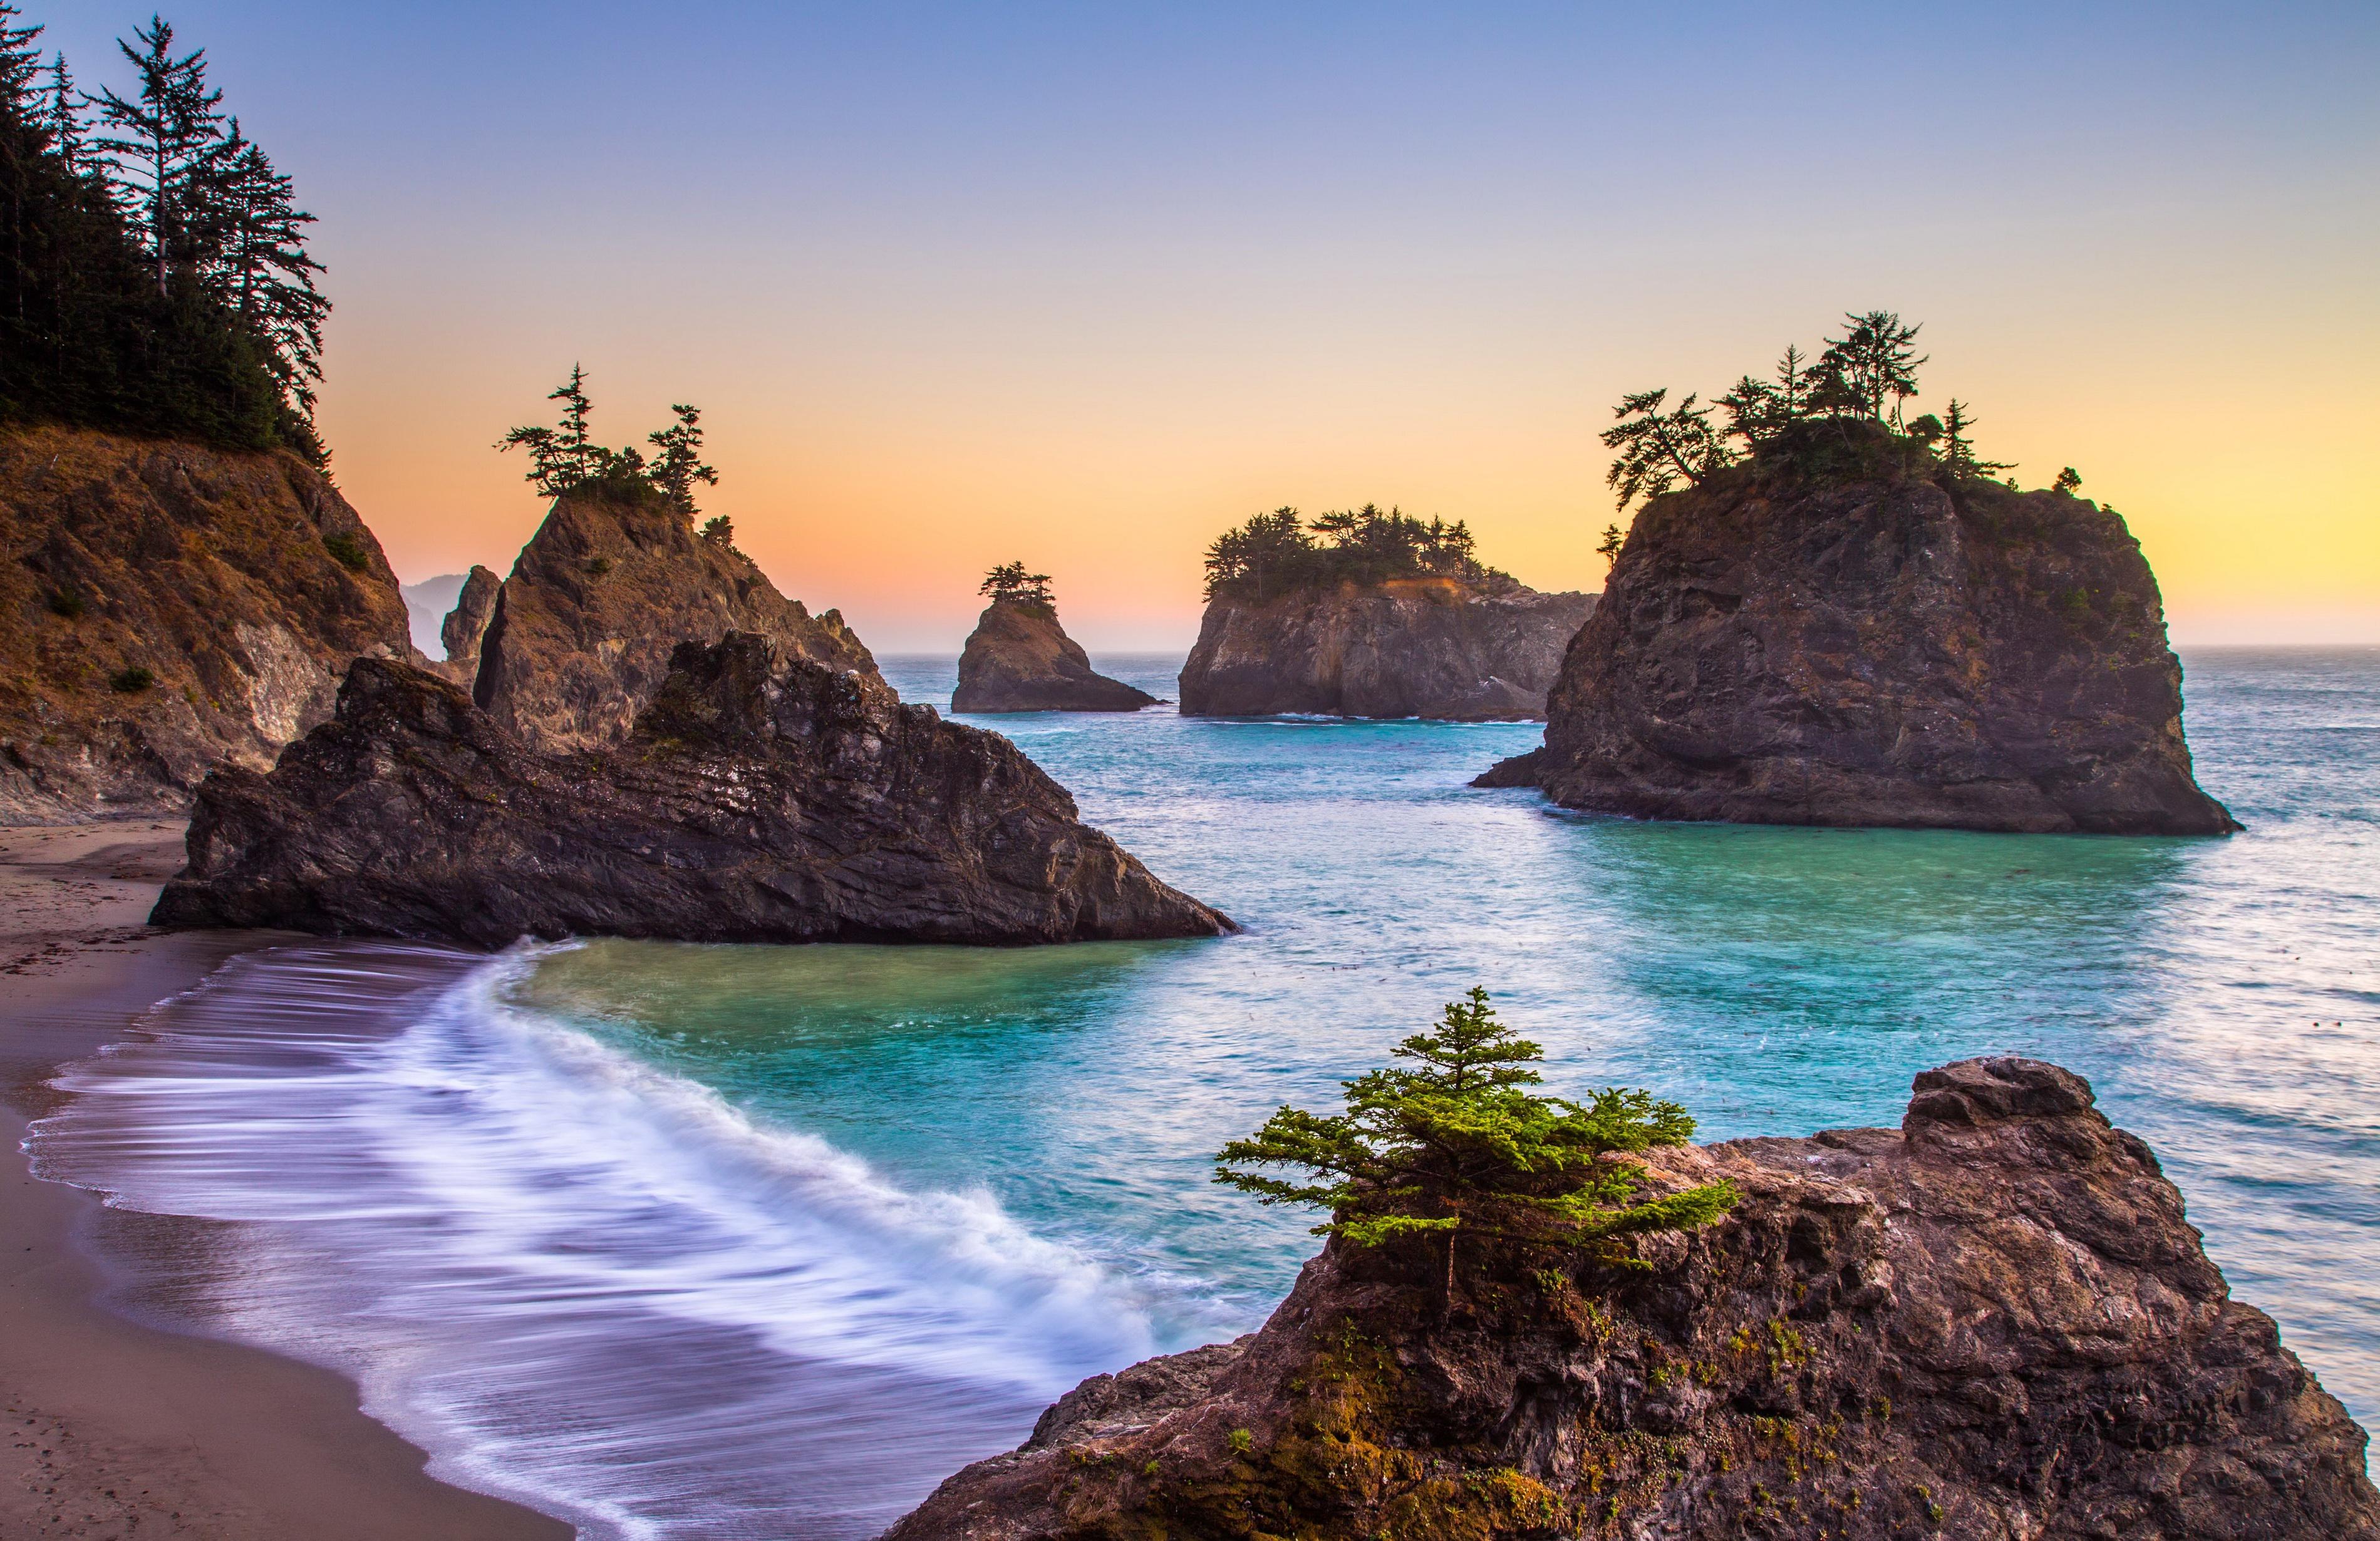 природа море деревья камни скалы  № 38458 загрузить